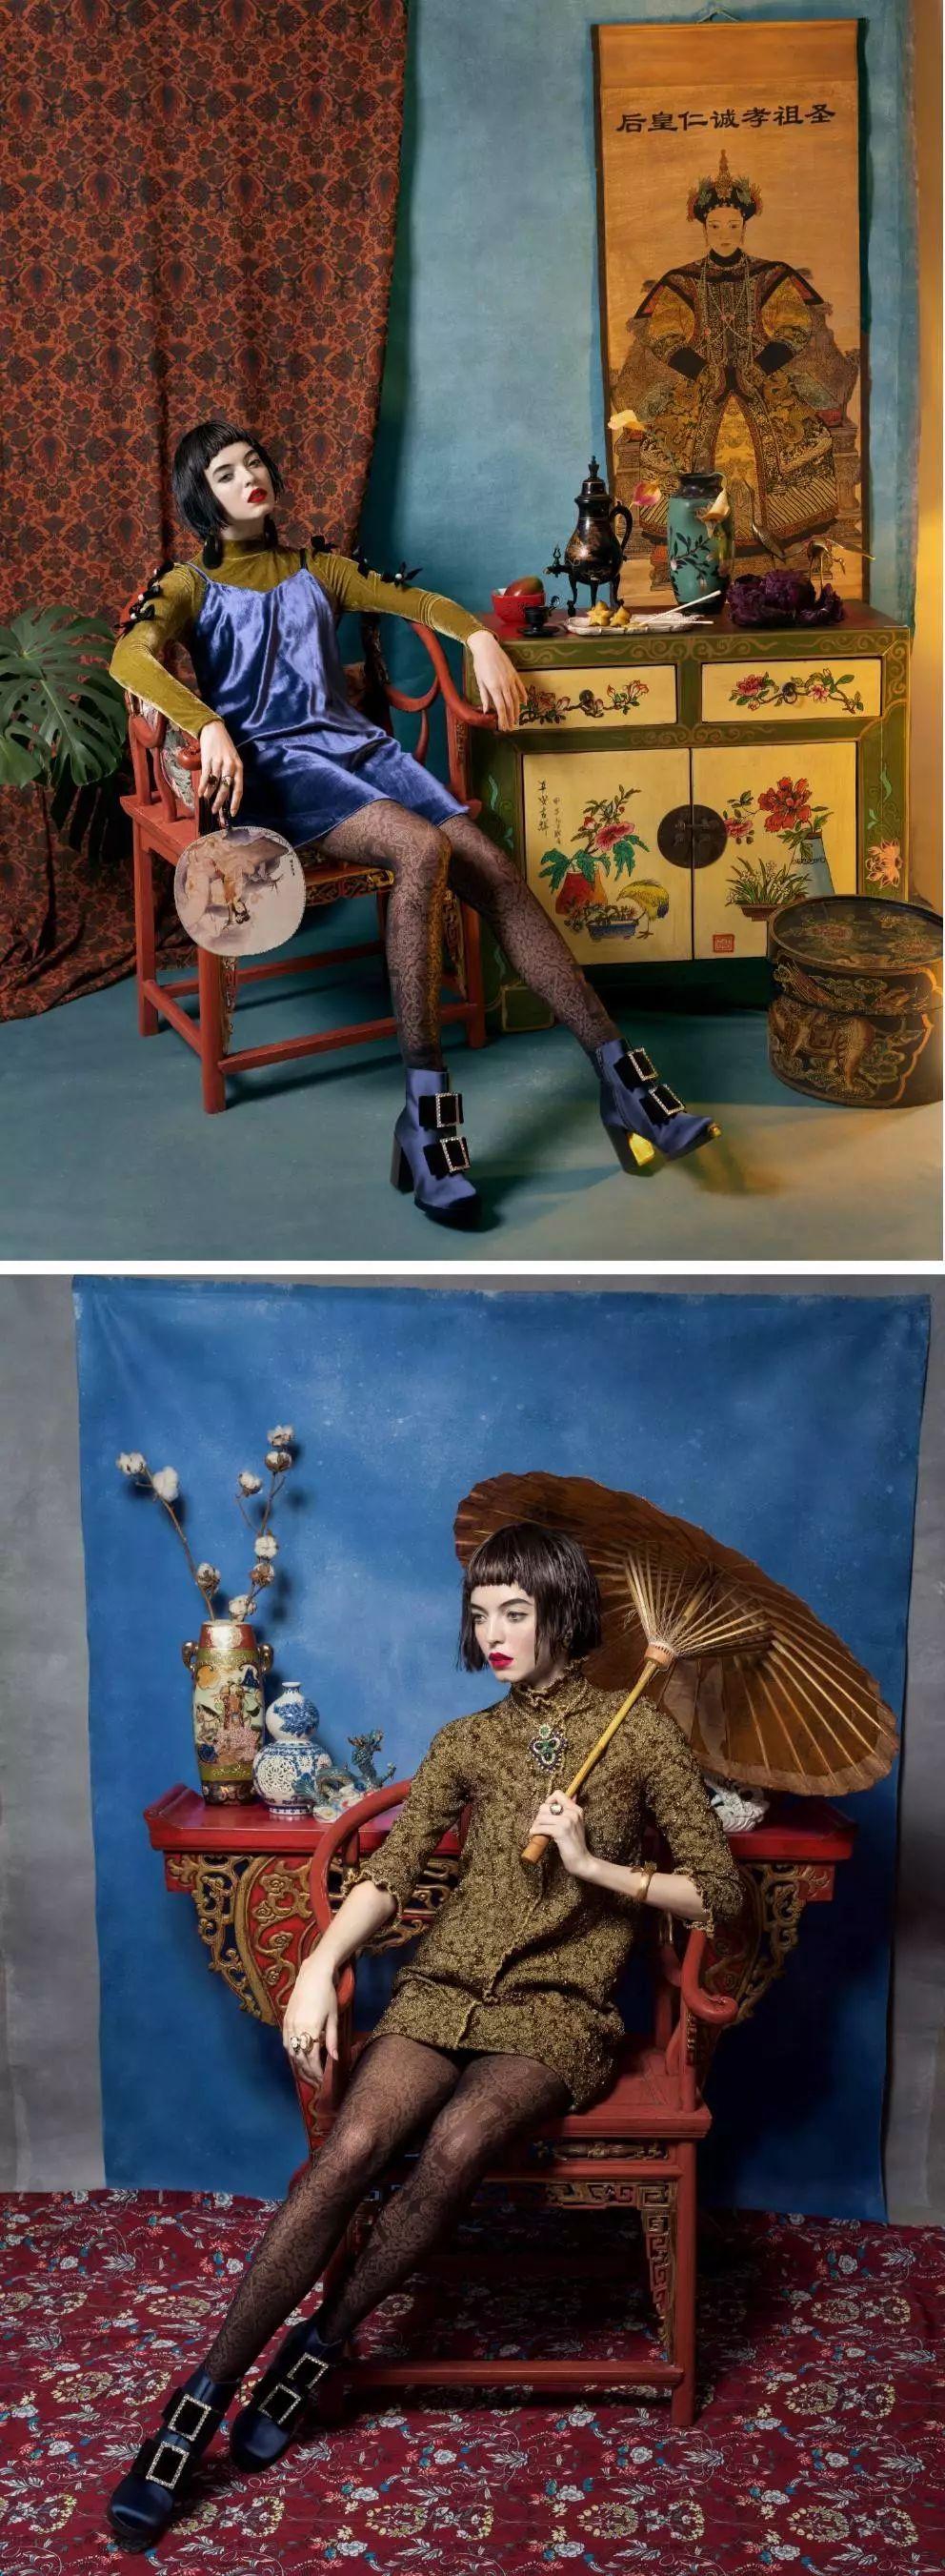 人像摄影:镜头下的最炫中国风